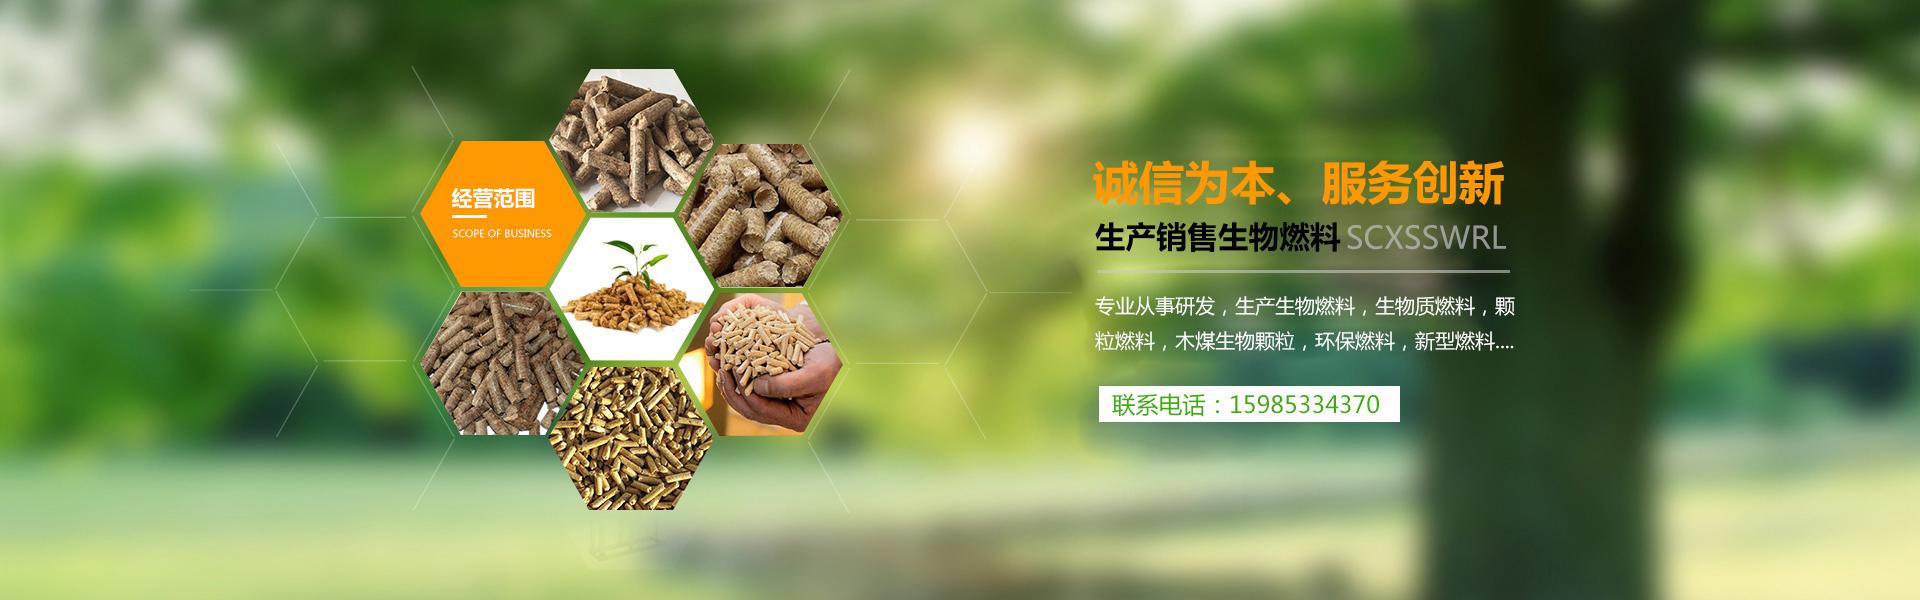 贵州betvictor32mobi伟德国际亚洲中文网